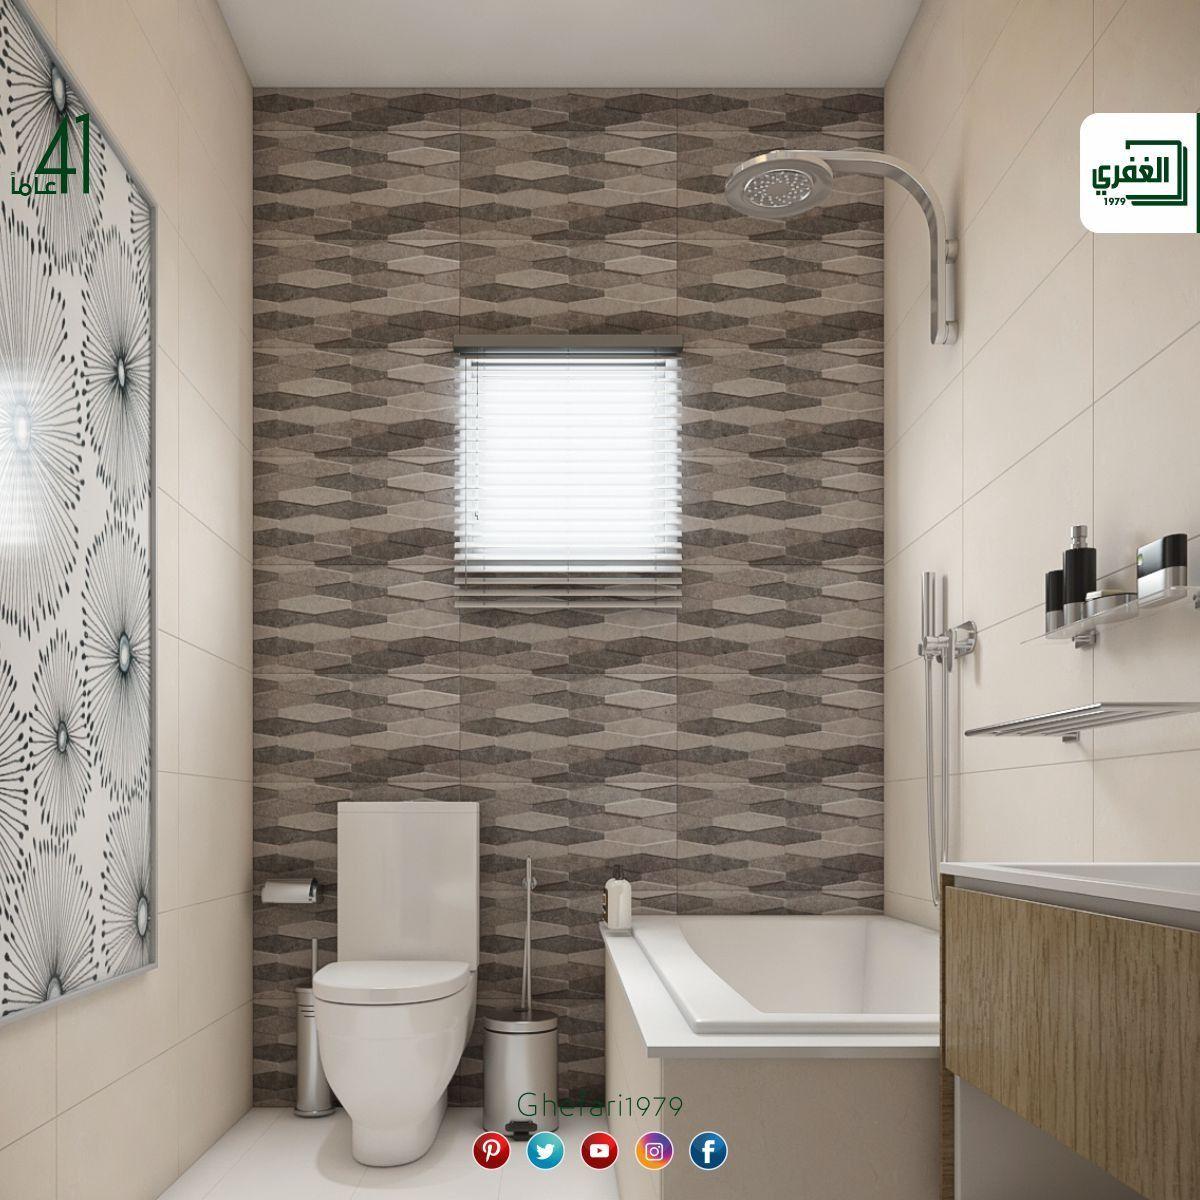 بورسلان أسباني ديكور ثلاثي ابعاد للاستخدام داخل الحمامات المطابخ اماكن اخرى للمزيد زورونا على موقع الشركة Https Www Ghefar Bathtub Alcove Bathtub Alcove